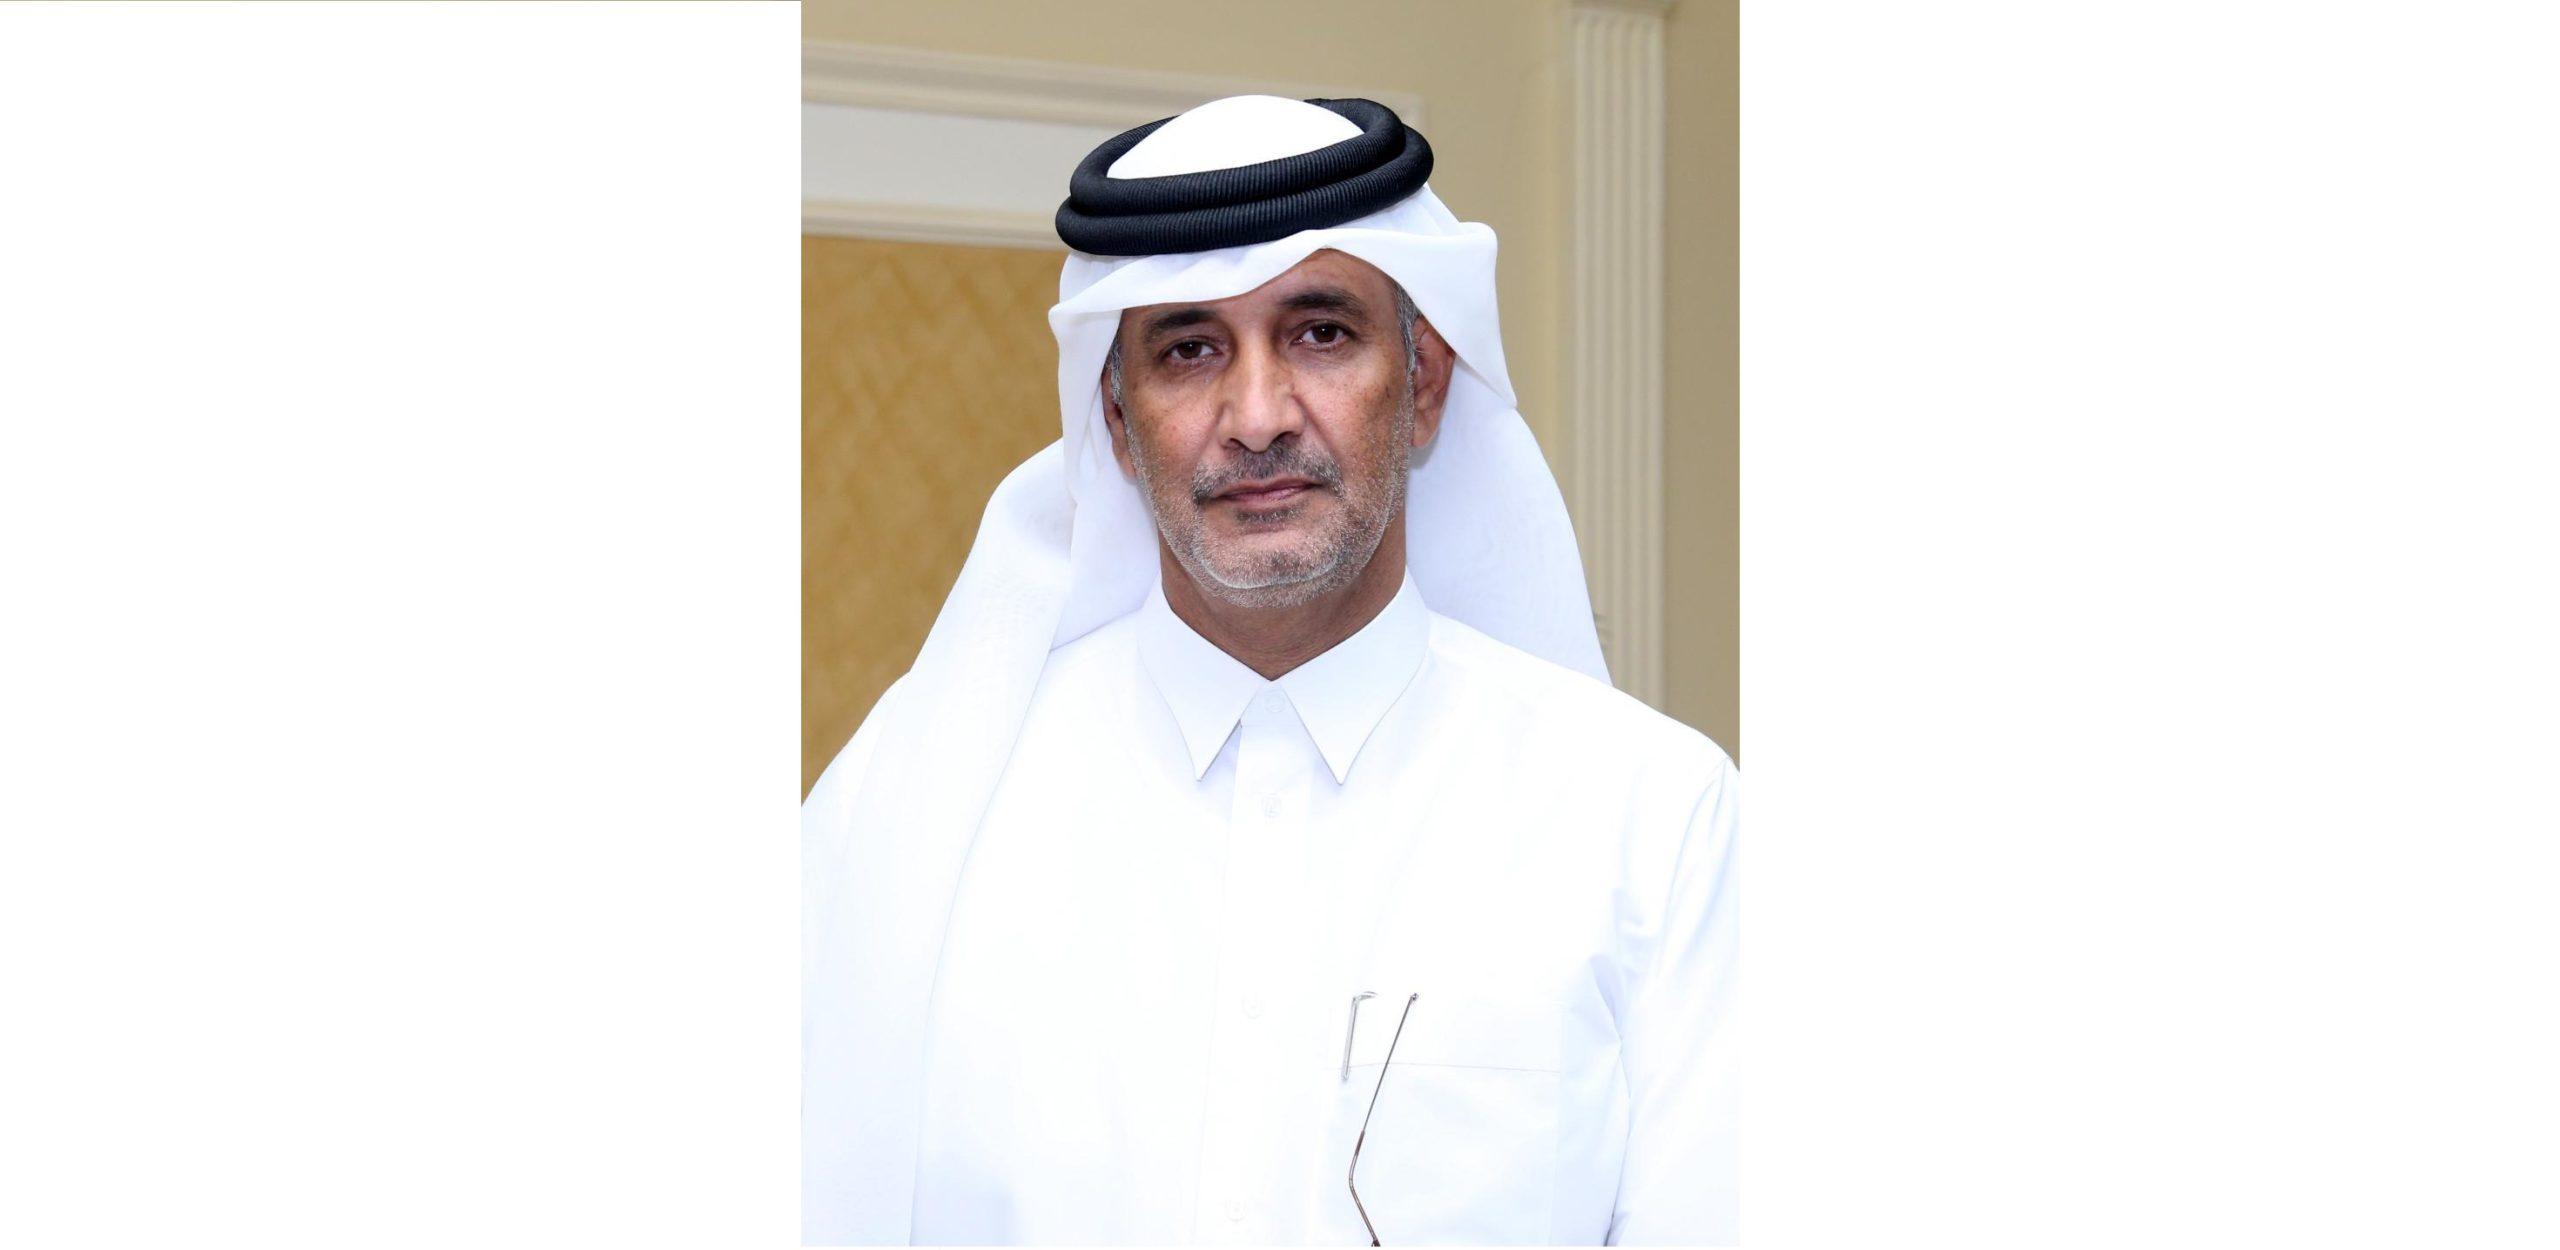 عبدالله الكواري: الهجن القطرية ستشارك في ختامي المرموم على كل المستويات